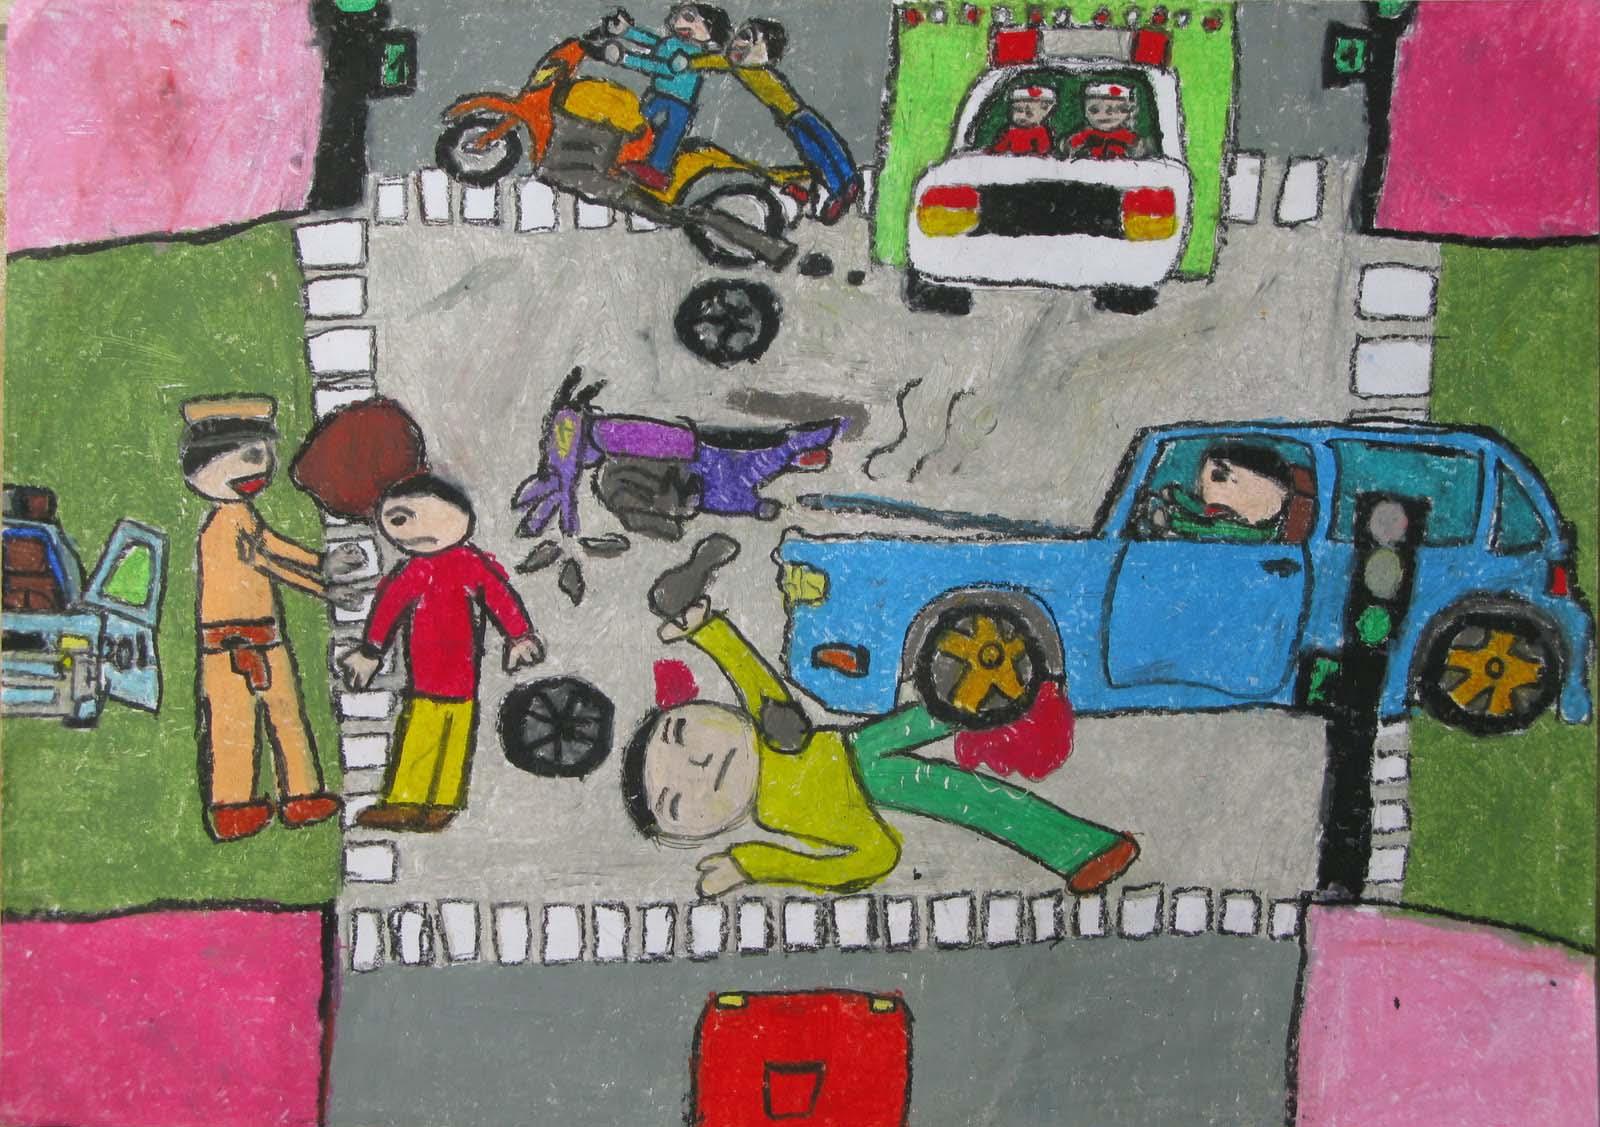 Những bức tranh về an toàn giao thông